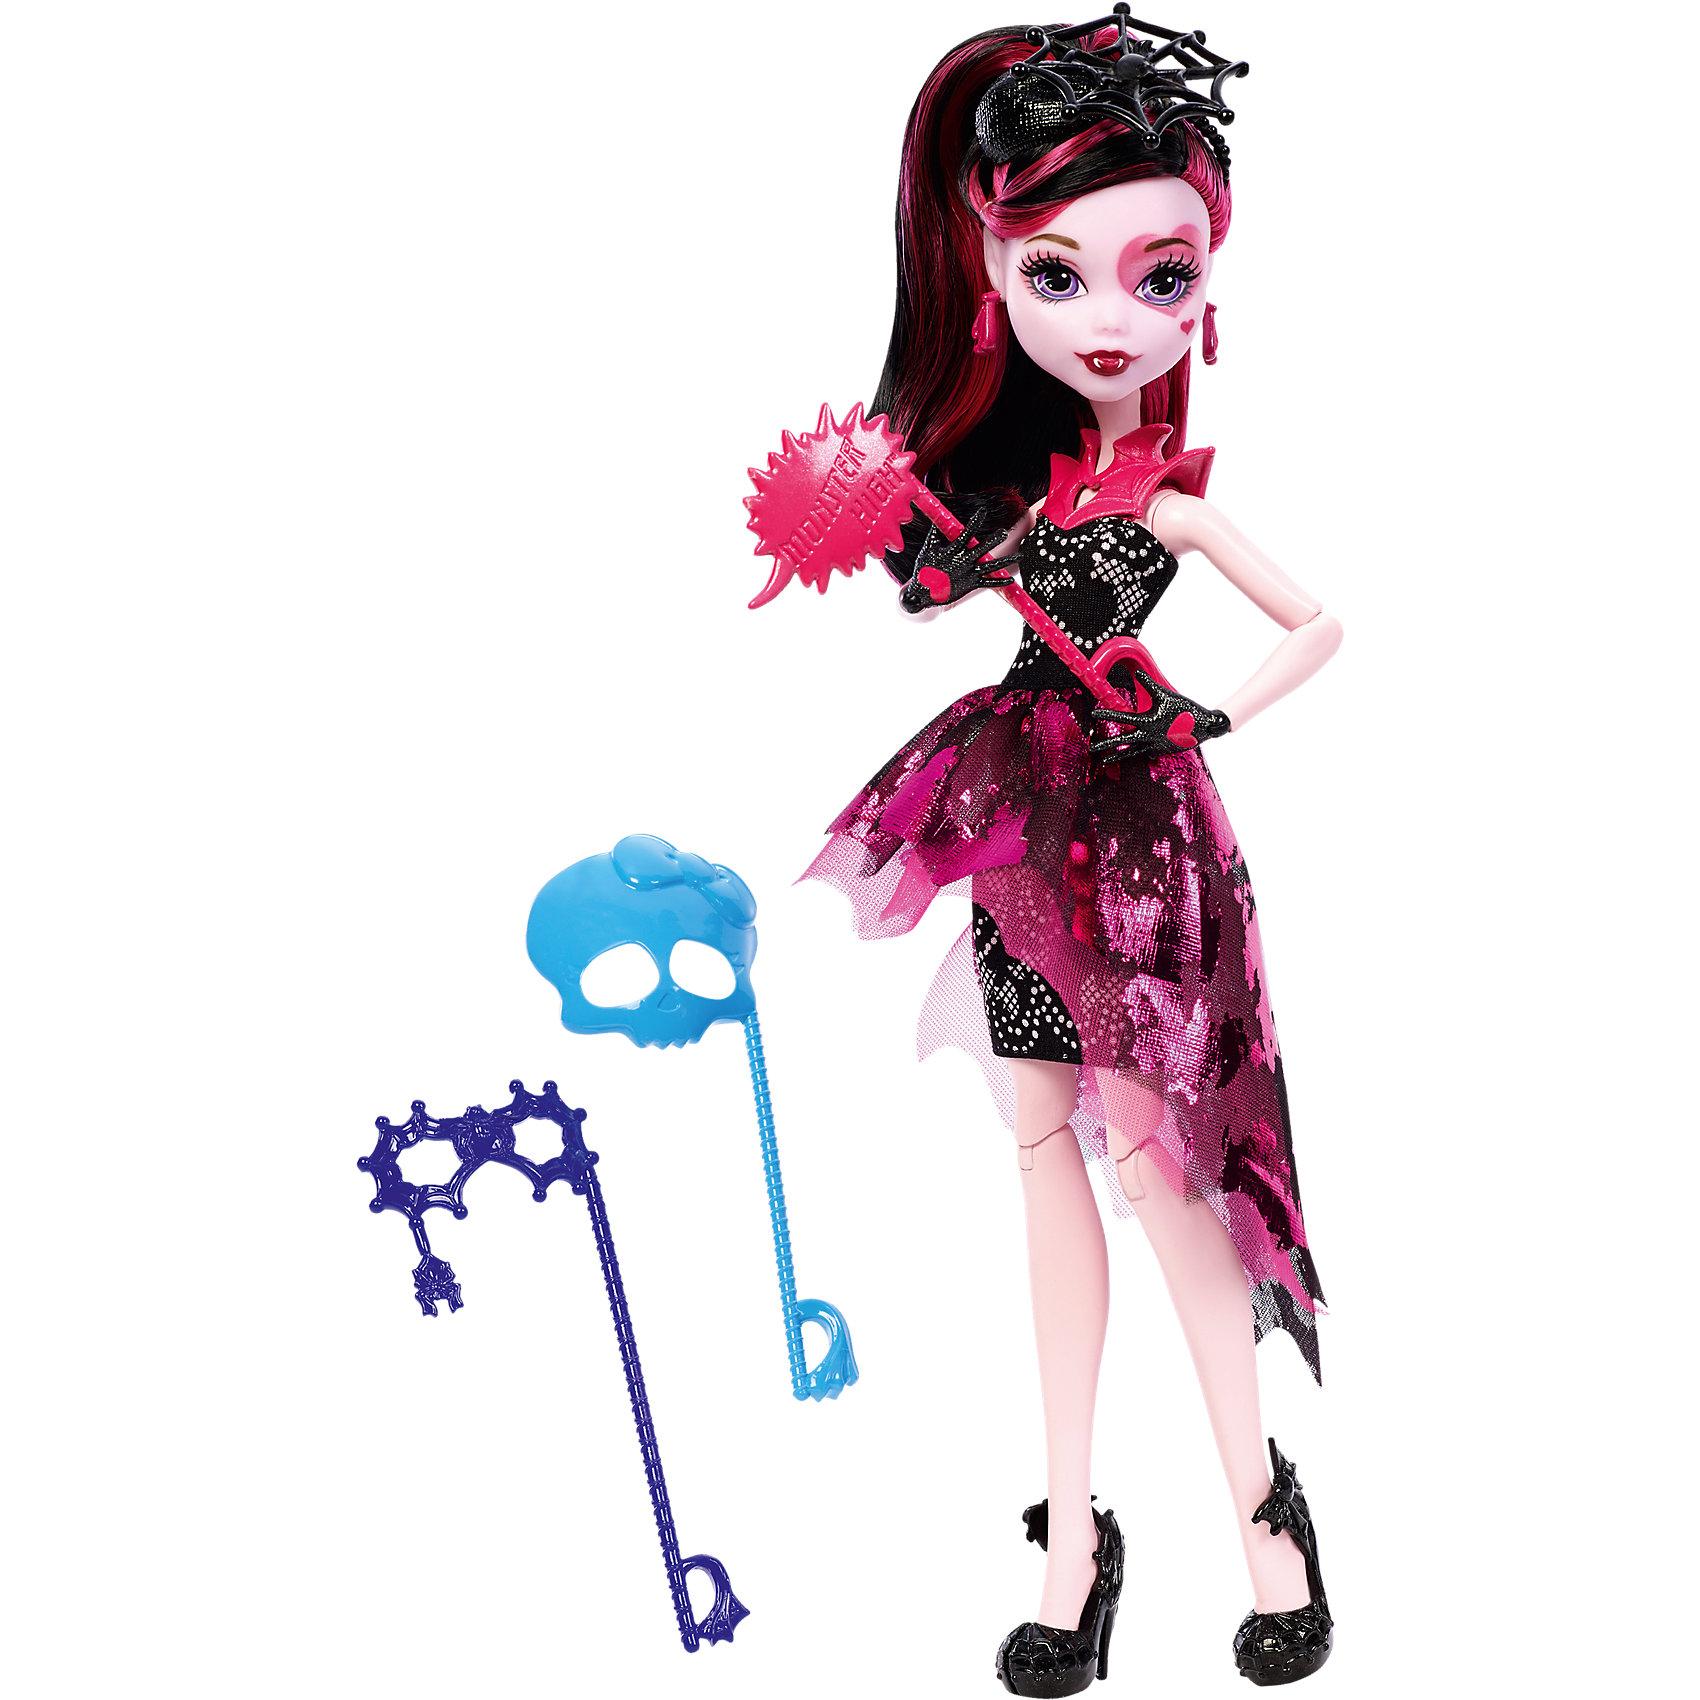 Кукла Дракулаура из серии Буникальные танцы с аксессуарами, Monster HighКукла Дракулаура выглядит потрясающе в своем вечернем платье! С собой она взяла 3 маски-аксессуара для настоящей фотосессии. Кукла одета в пышное платье в своем любимом стиле вампира. Голова украшена шляпкой с большой паутиной. Стильные туфельки с летучими мышами, колье и сережки  прекрасно дополняют необычный образ Дракулауры.<br><br>Дополнительная информация:<br>Материал: пластик<br>Куклу Дракулауру можно приобрести в нашем интернет-магазине.<br><br>Ширина мм: 327<br>Глубина мм: 205<br>Высота мм: 71<br>Вес г: 250<br>Возраст от месяцев: 72<br>Возраст до месяцев: 120<br>Пол: Женский<br>Возраст: Детский<br>SKU: 4765373